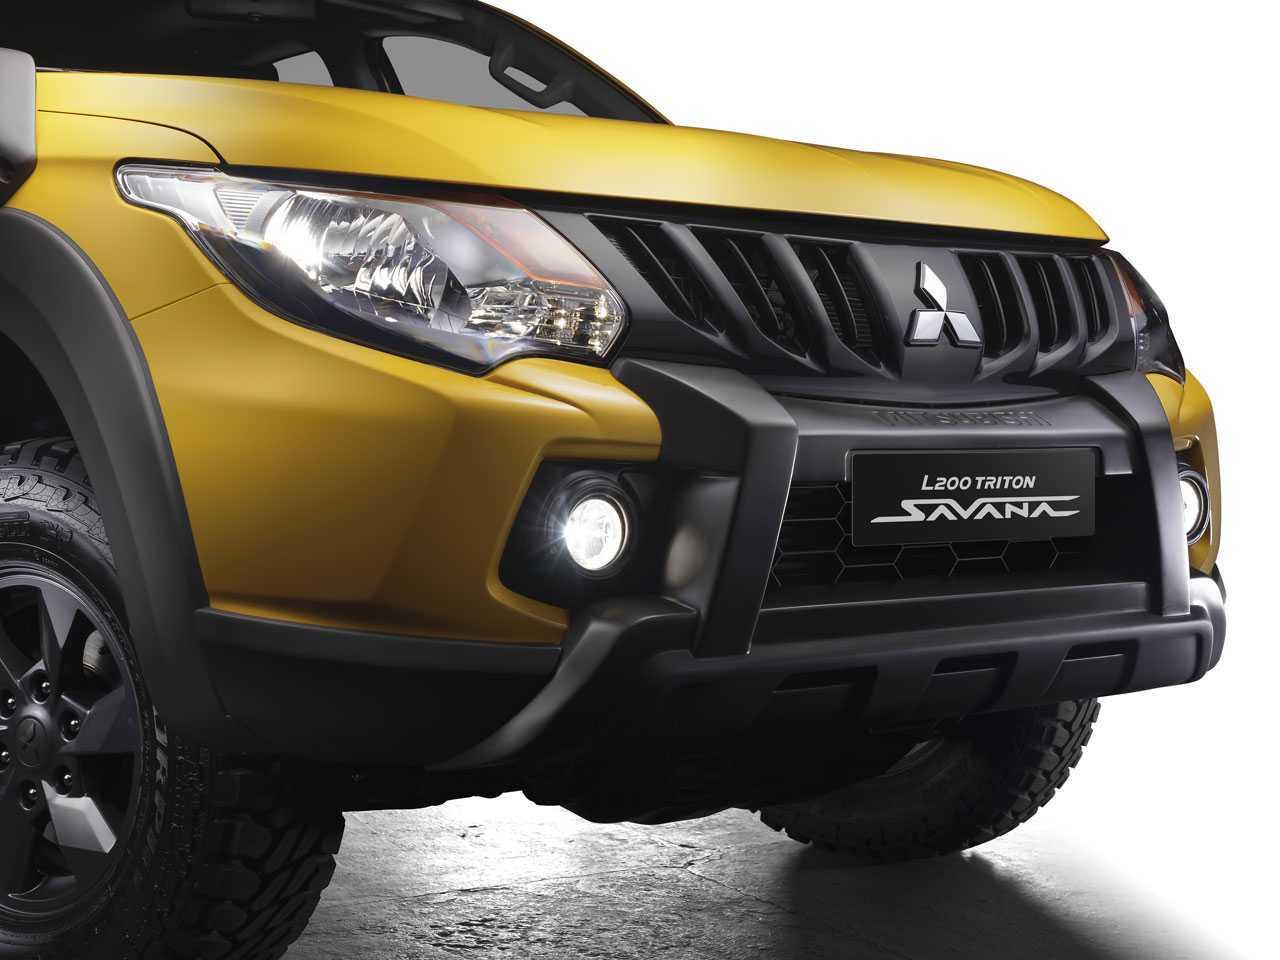 MitsubishiL200 Triton 2022 - grade frontal